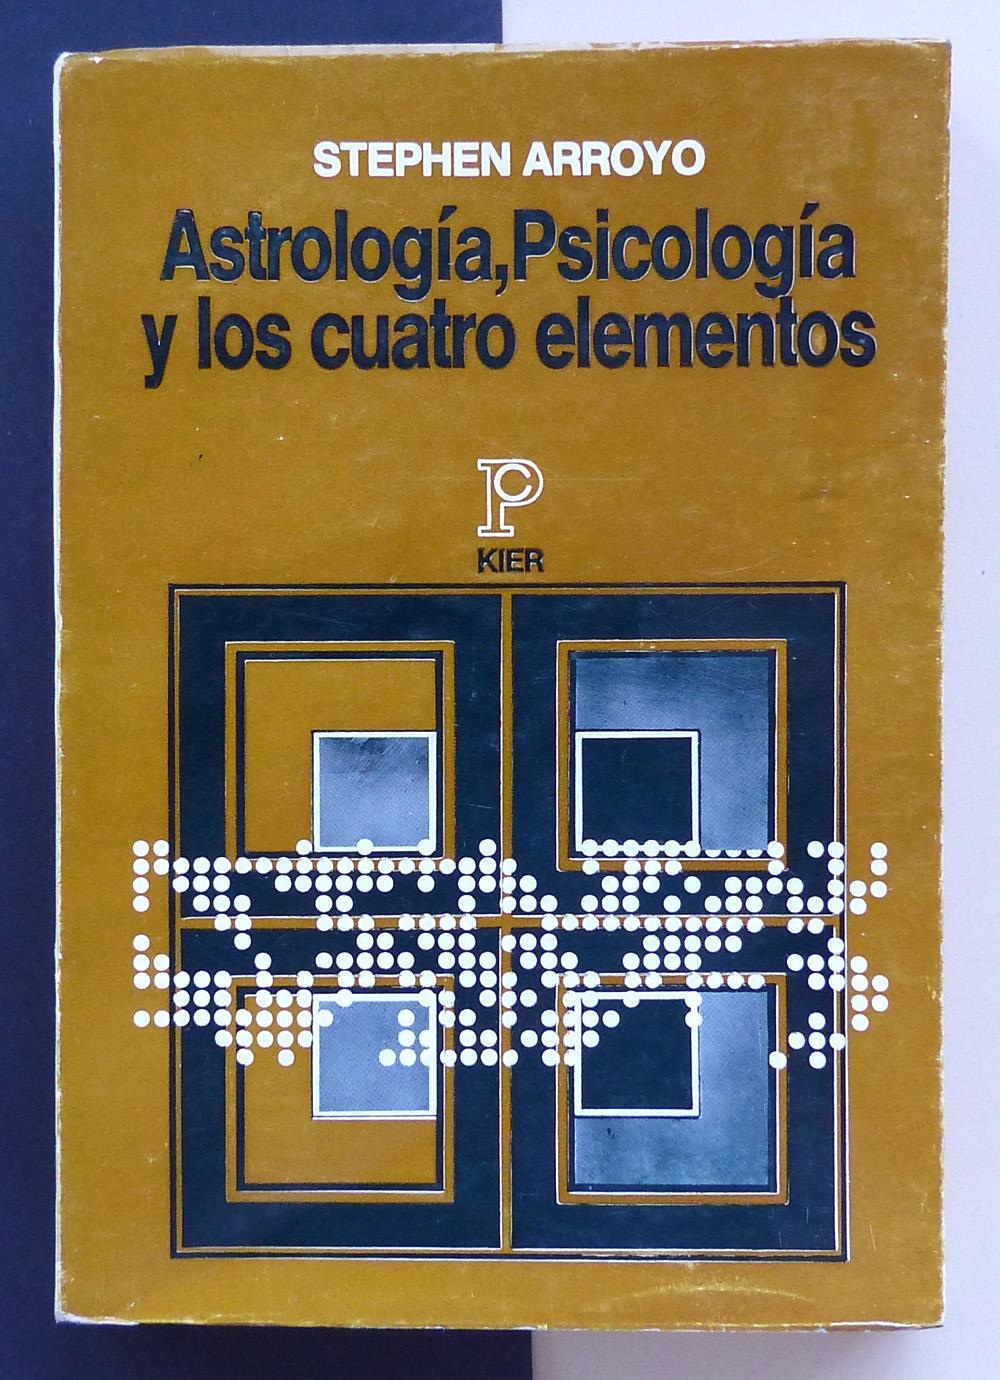 Astrología, Psicología y los cuatro elementos. - ARROYO, Stephen